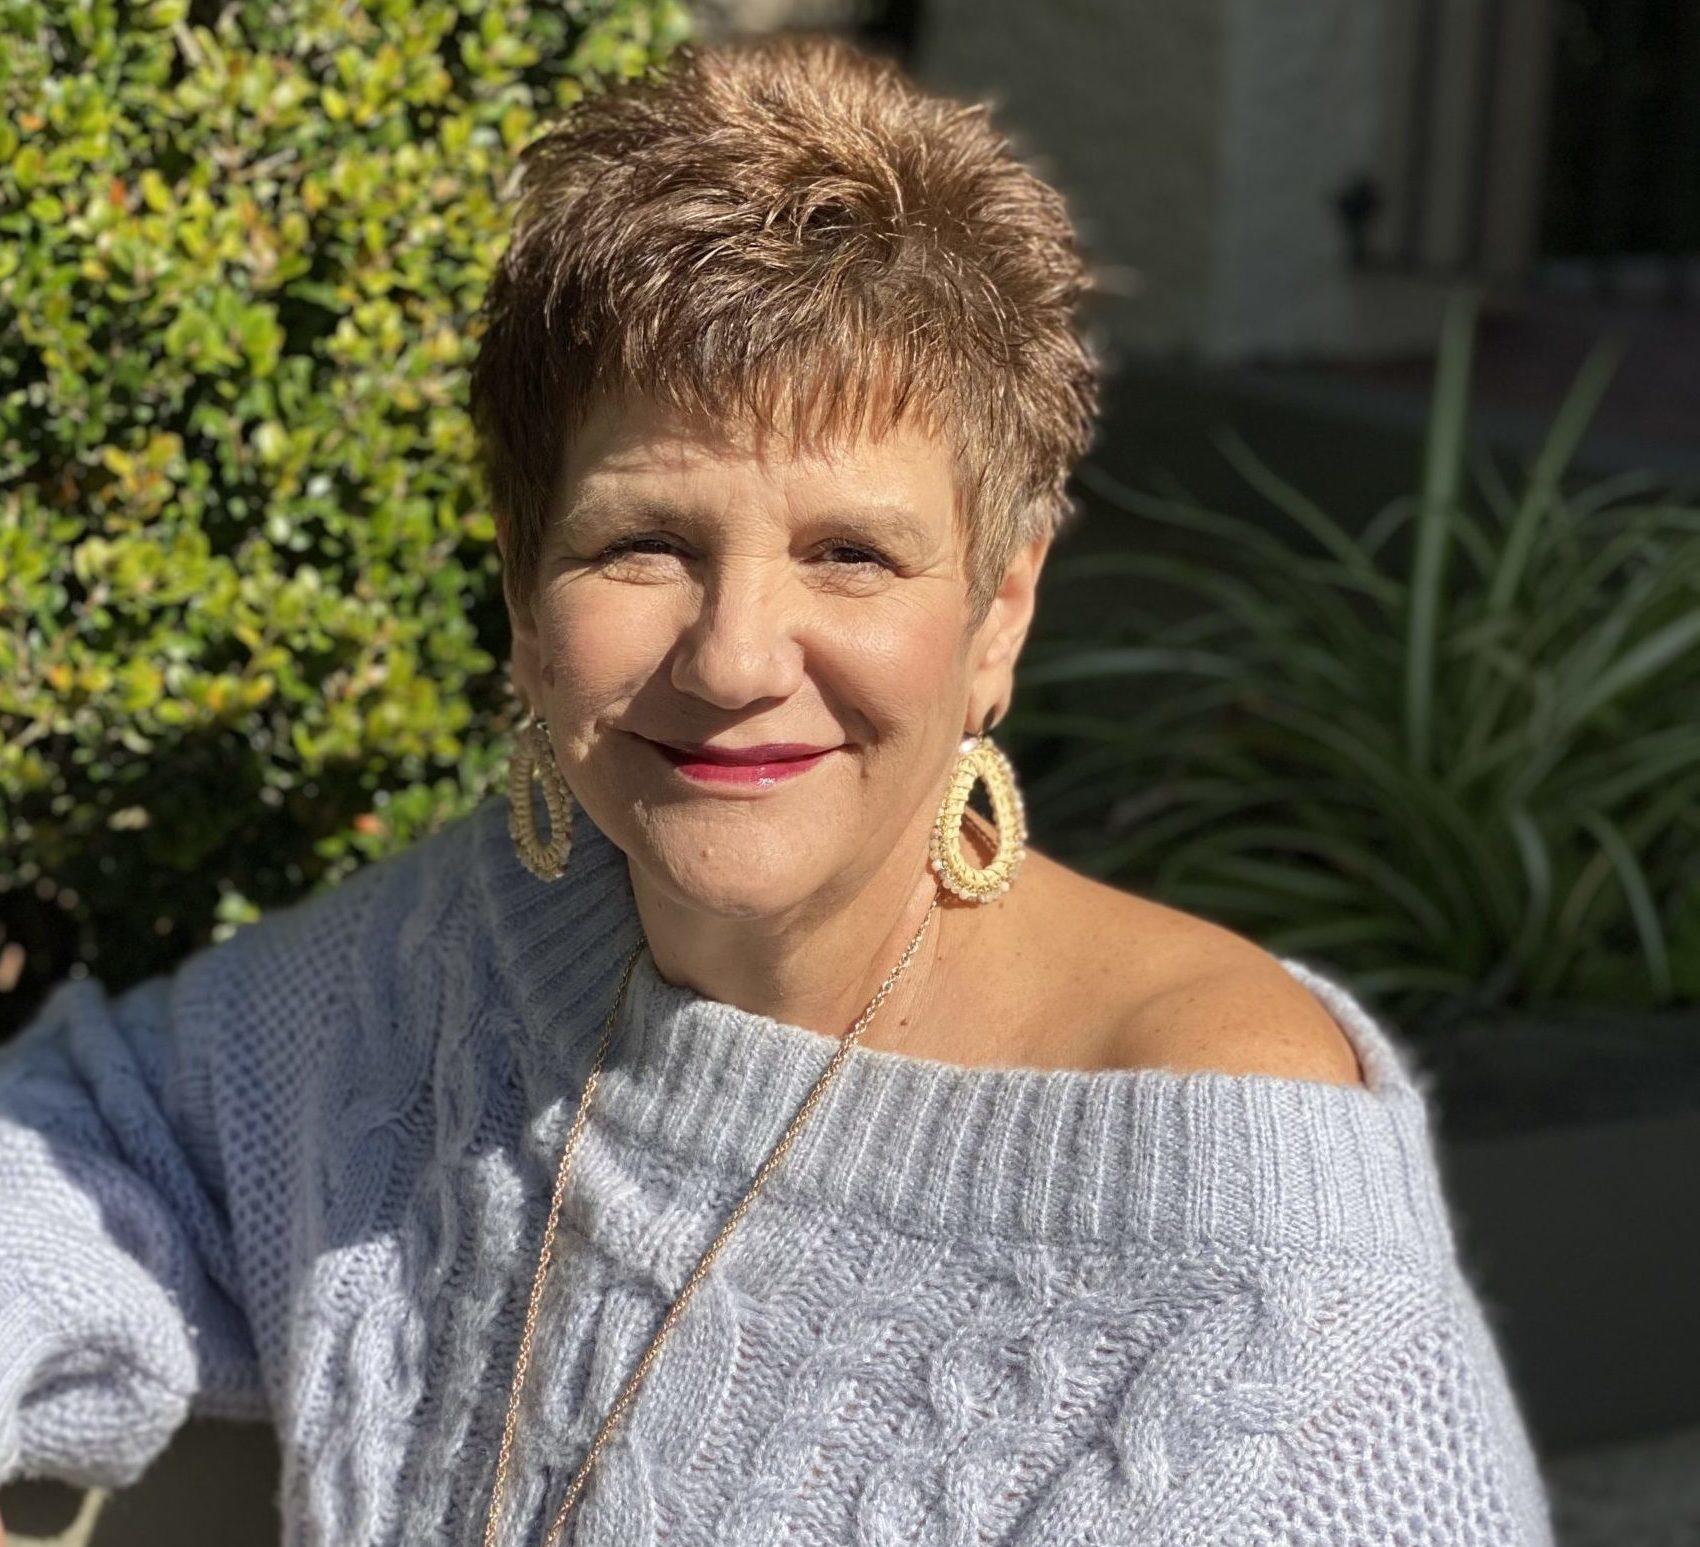 Dorie Bravender